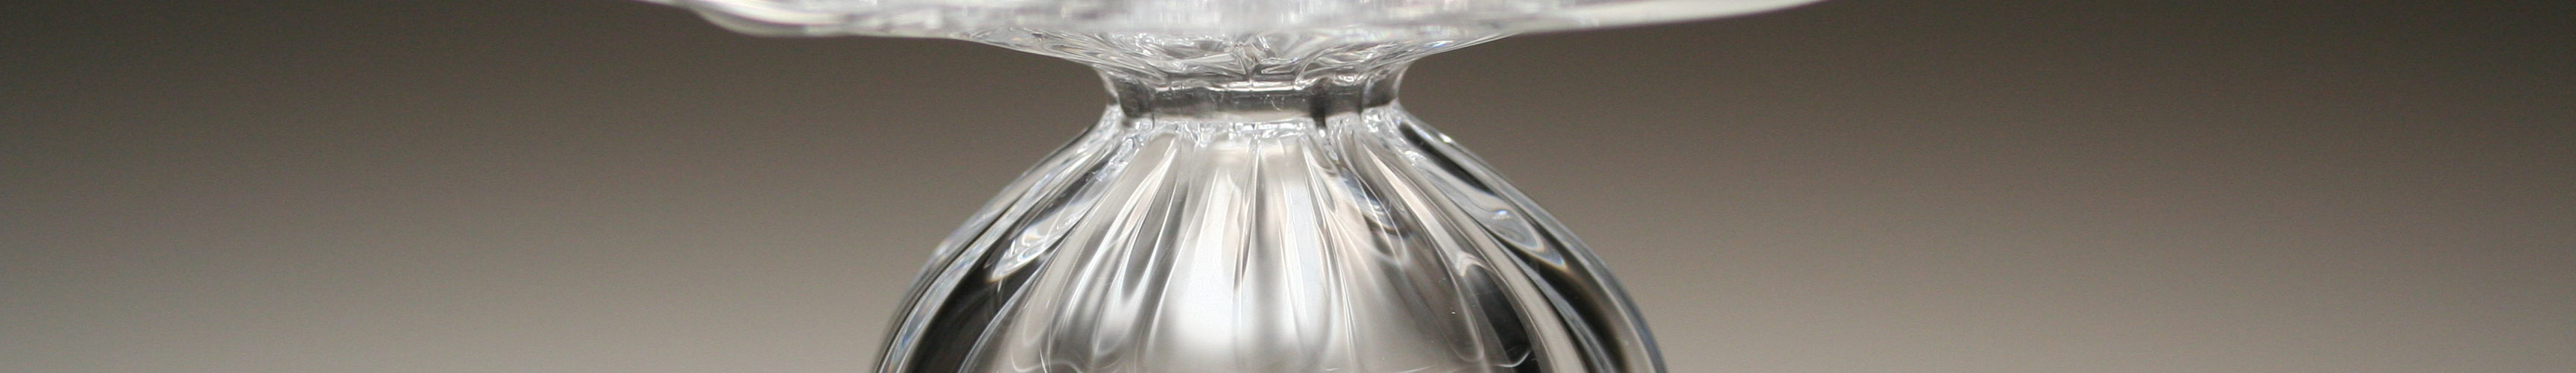 白石精一個展-吹きガラス作品(1)